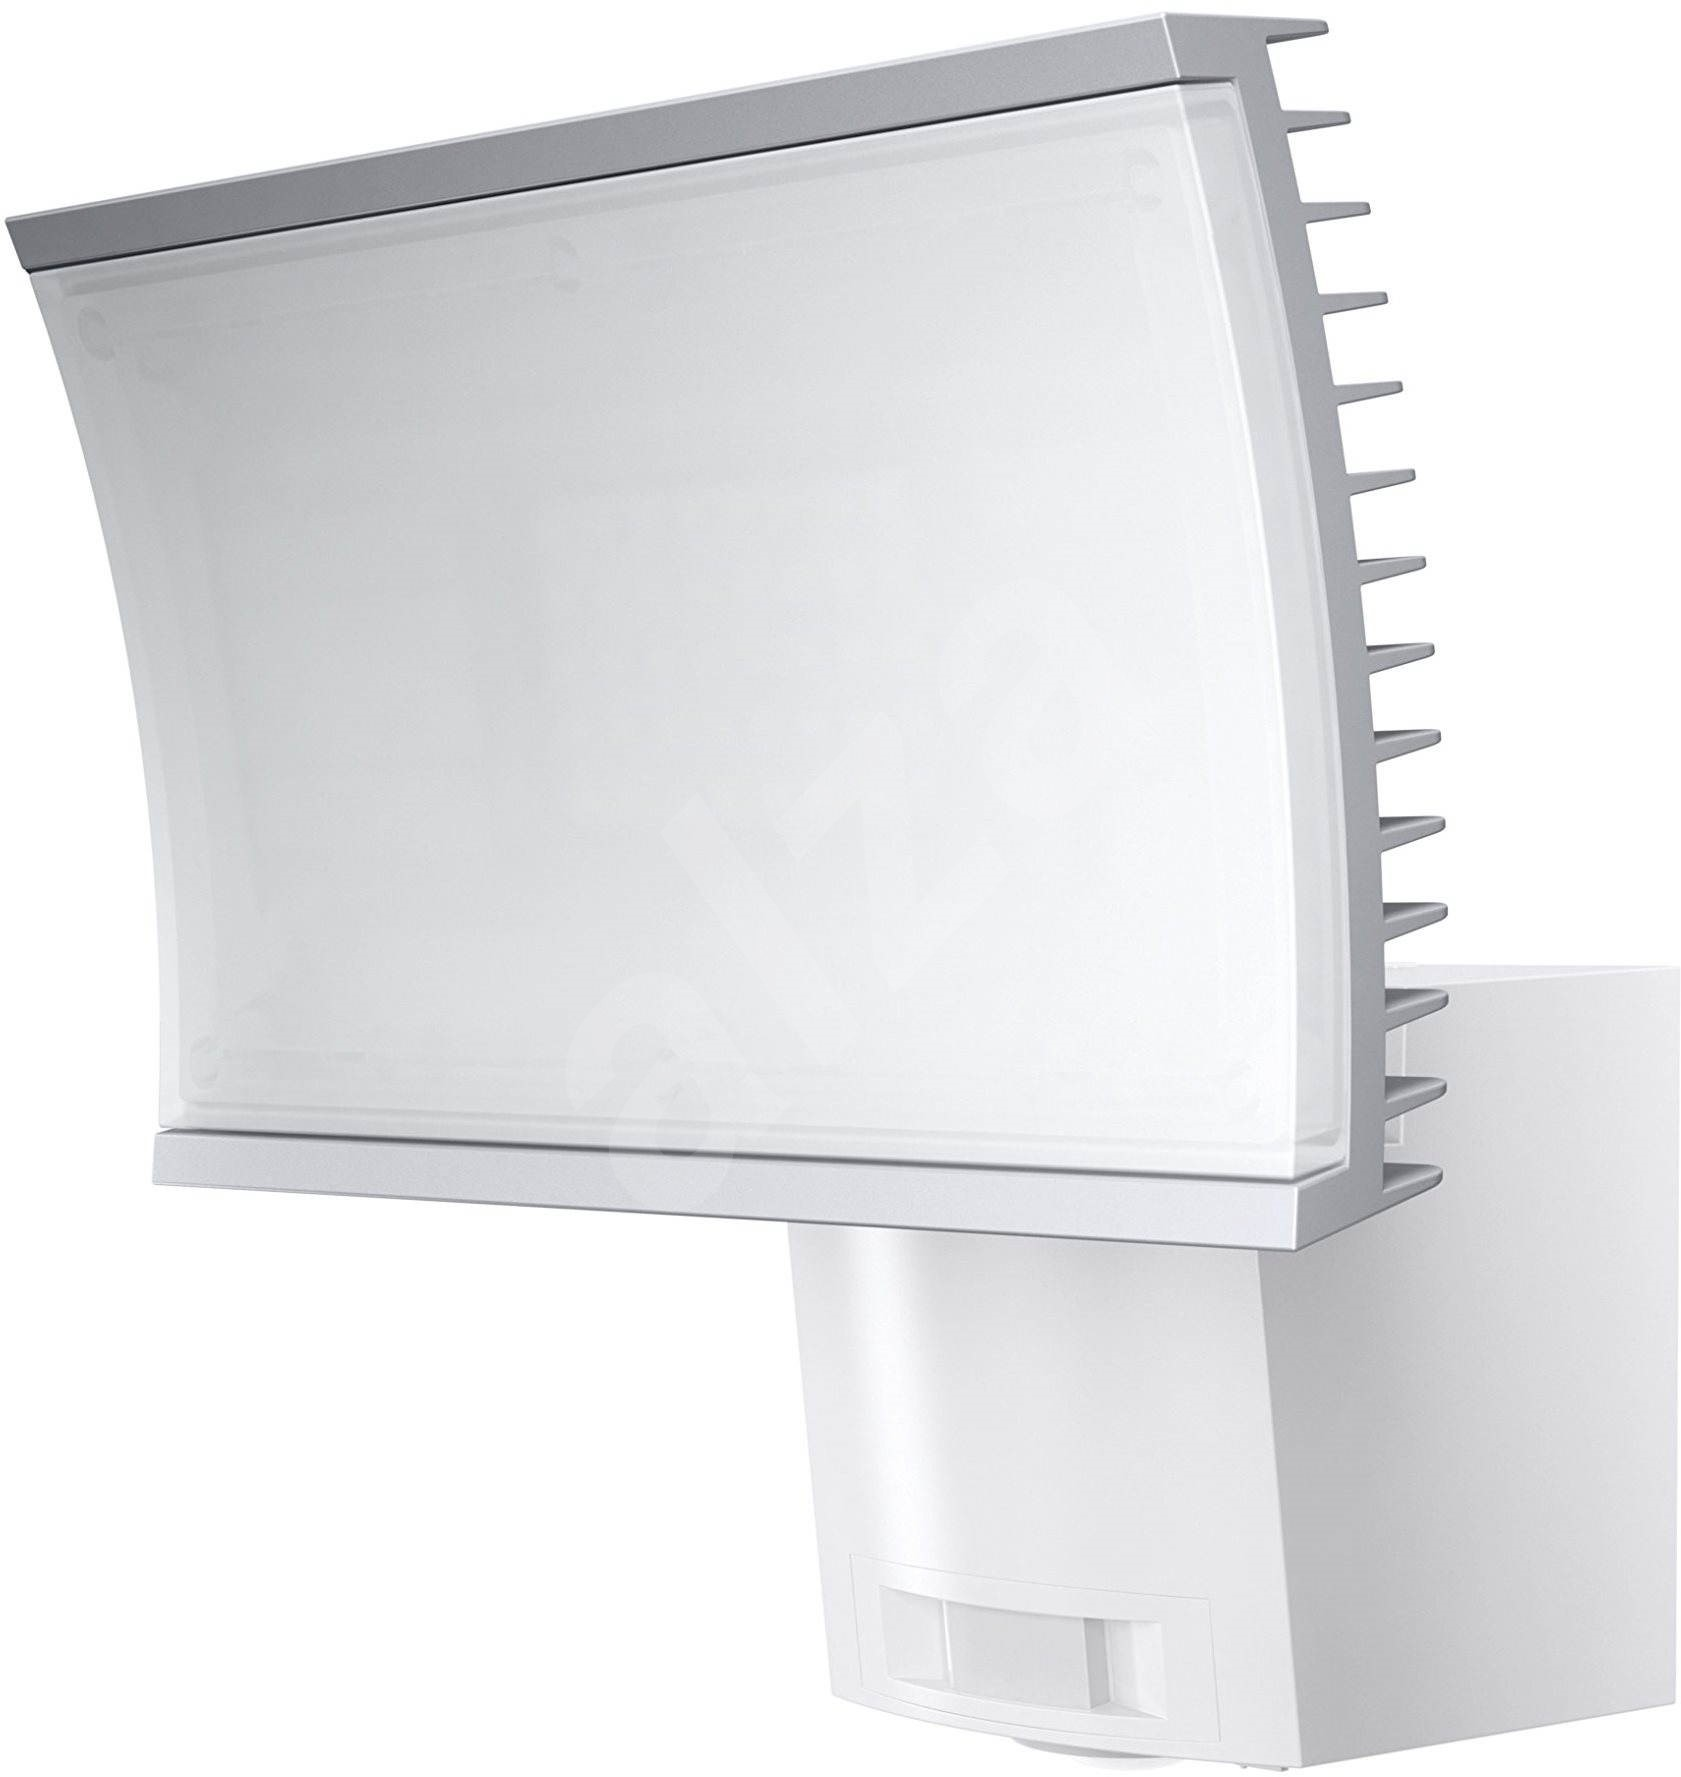 Osram noxlite led hp floodlight 40w light for Lampe exterieur avec detecteur de mouvement